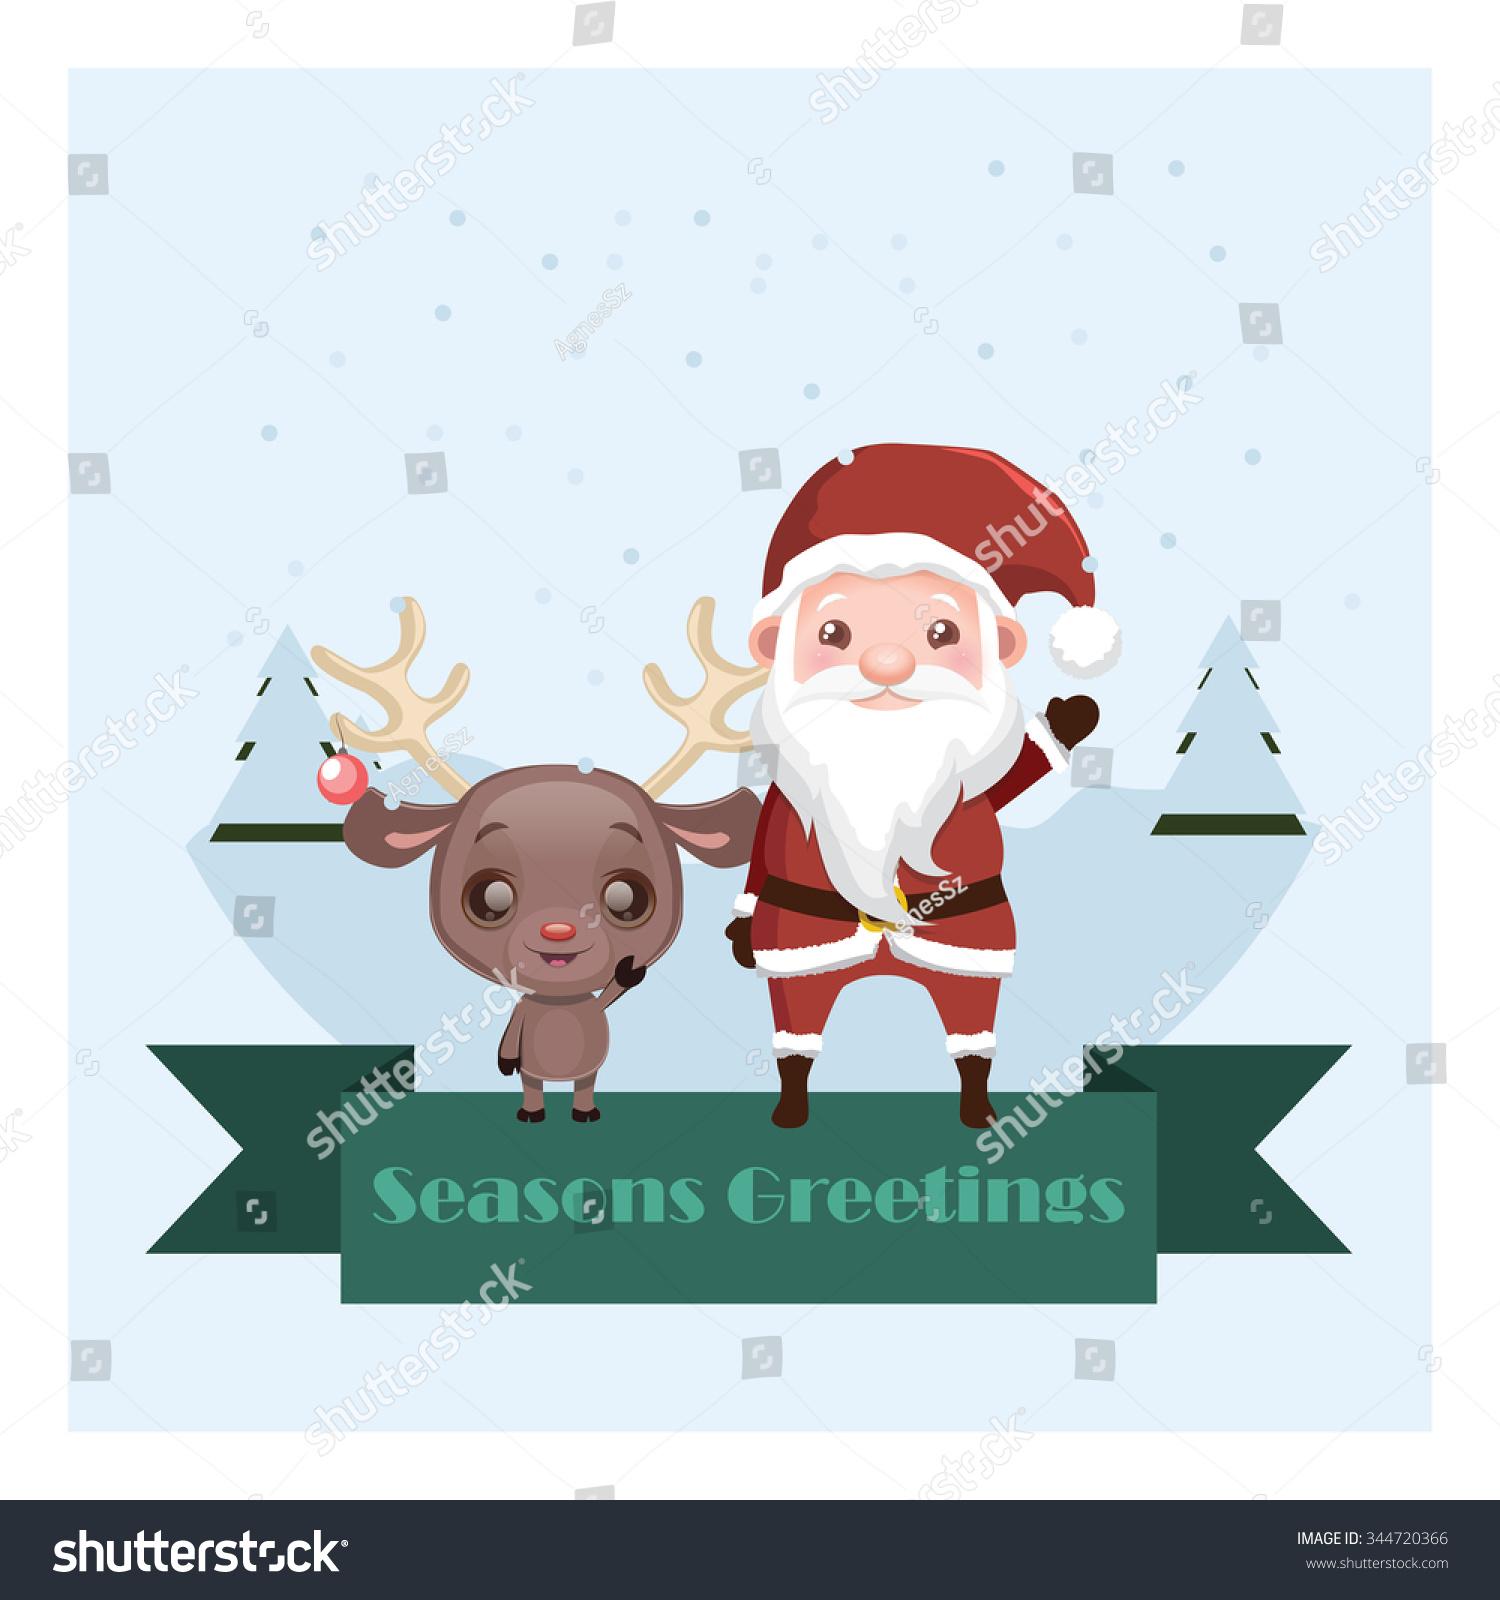 Reindeer santa seasons greetings banner stock vector 344720366 reindeer and santa seasons greetings banner kristyandbryce Choice Image